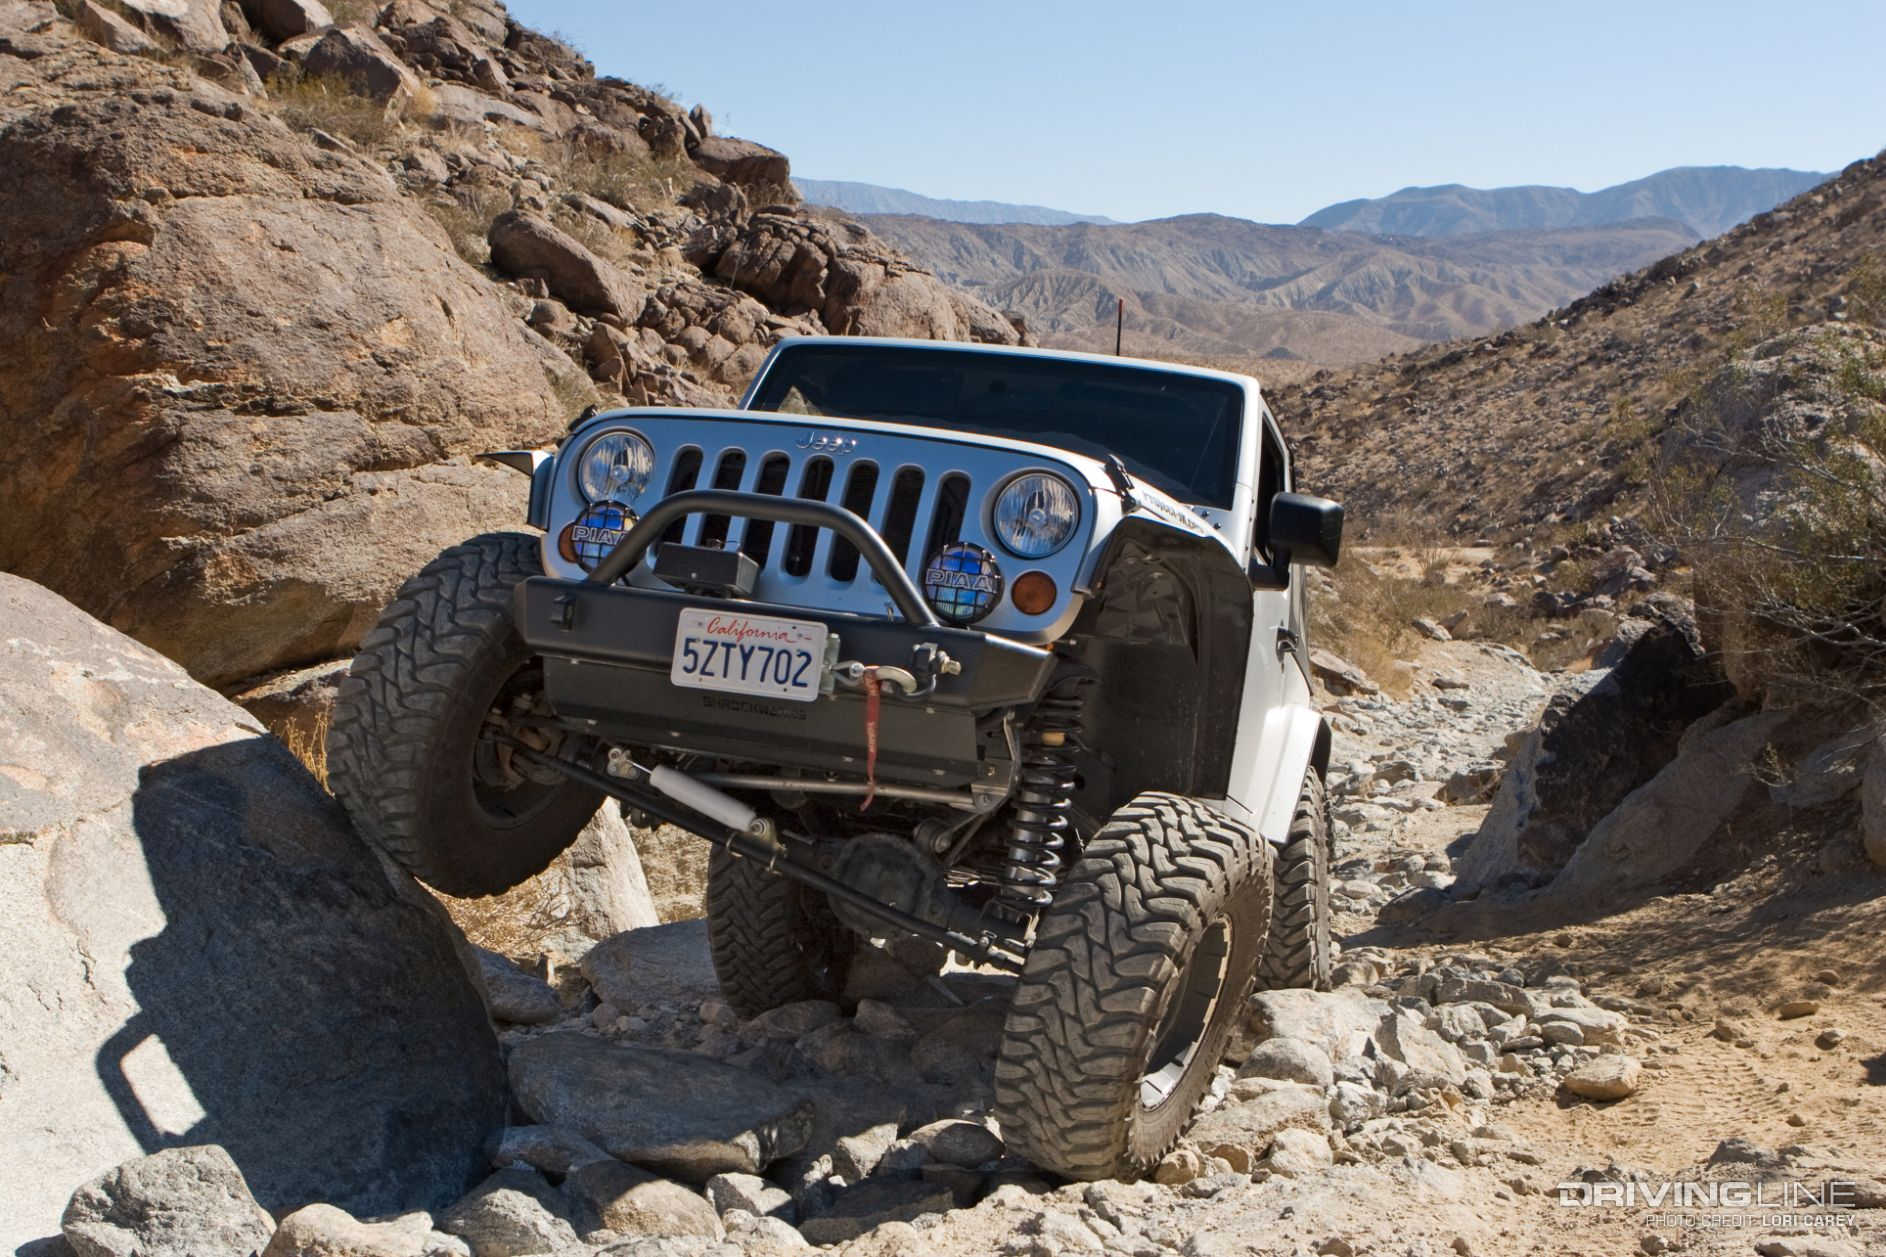 2007 Jeep Wrangler Jk Overland Build Drivingline